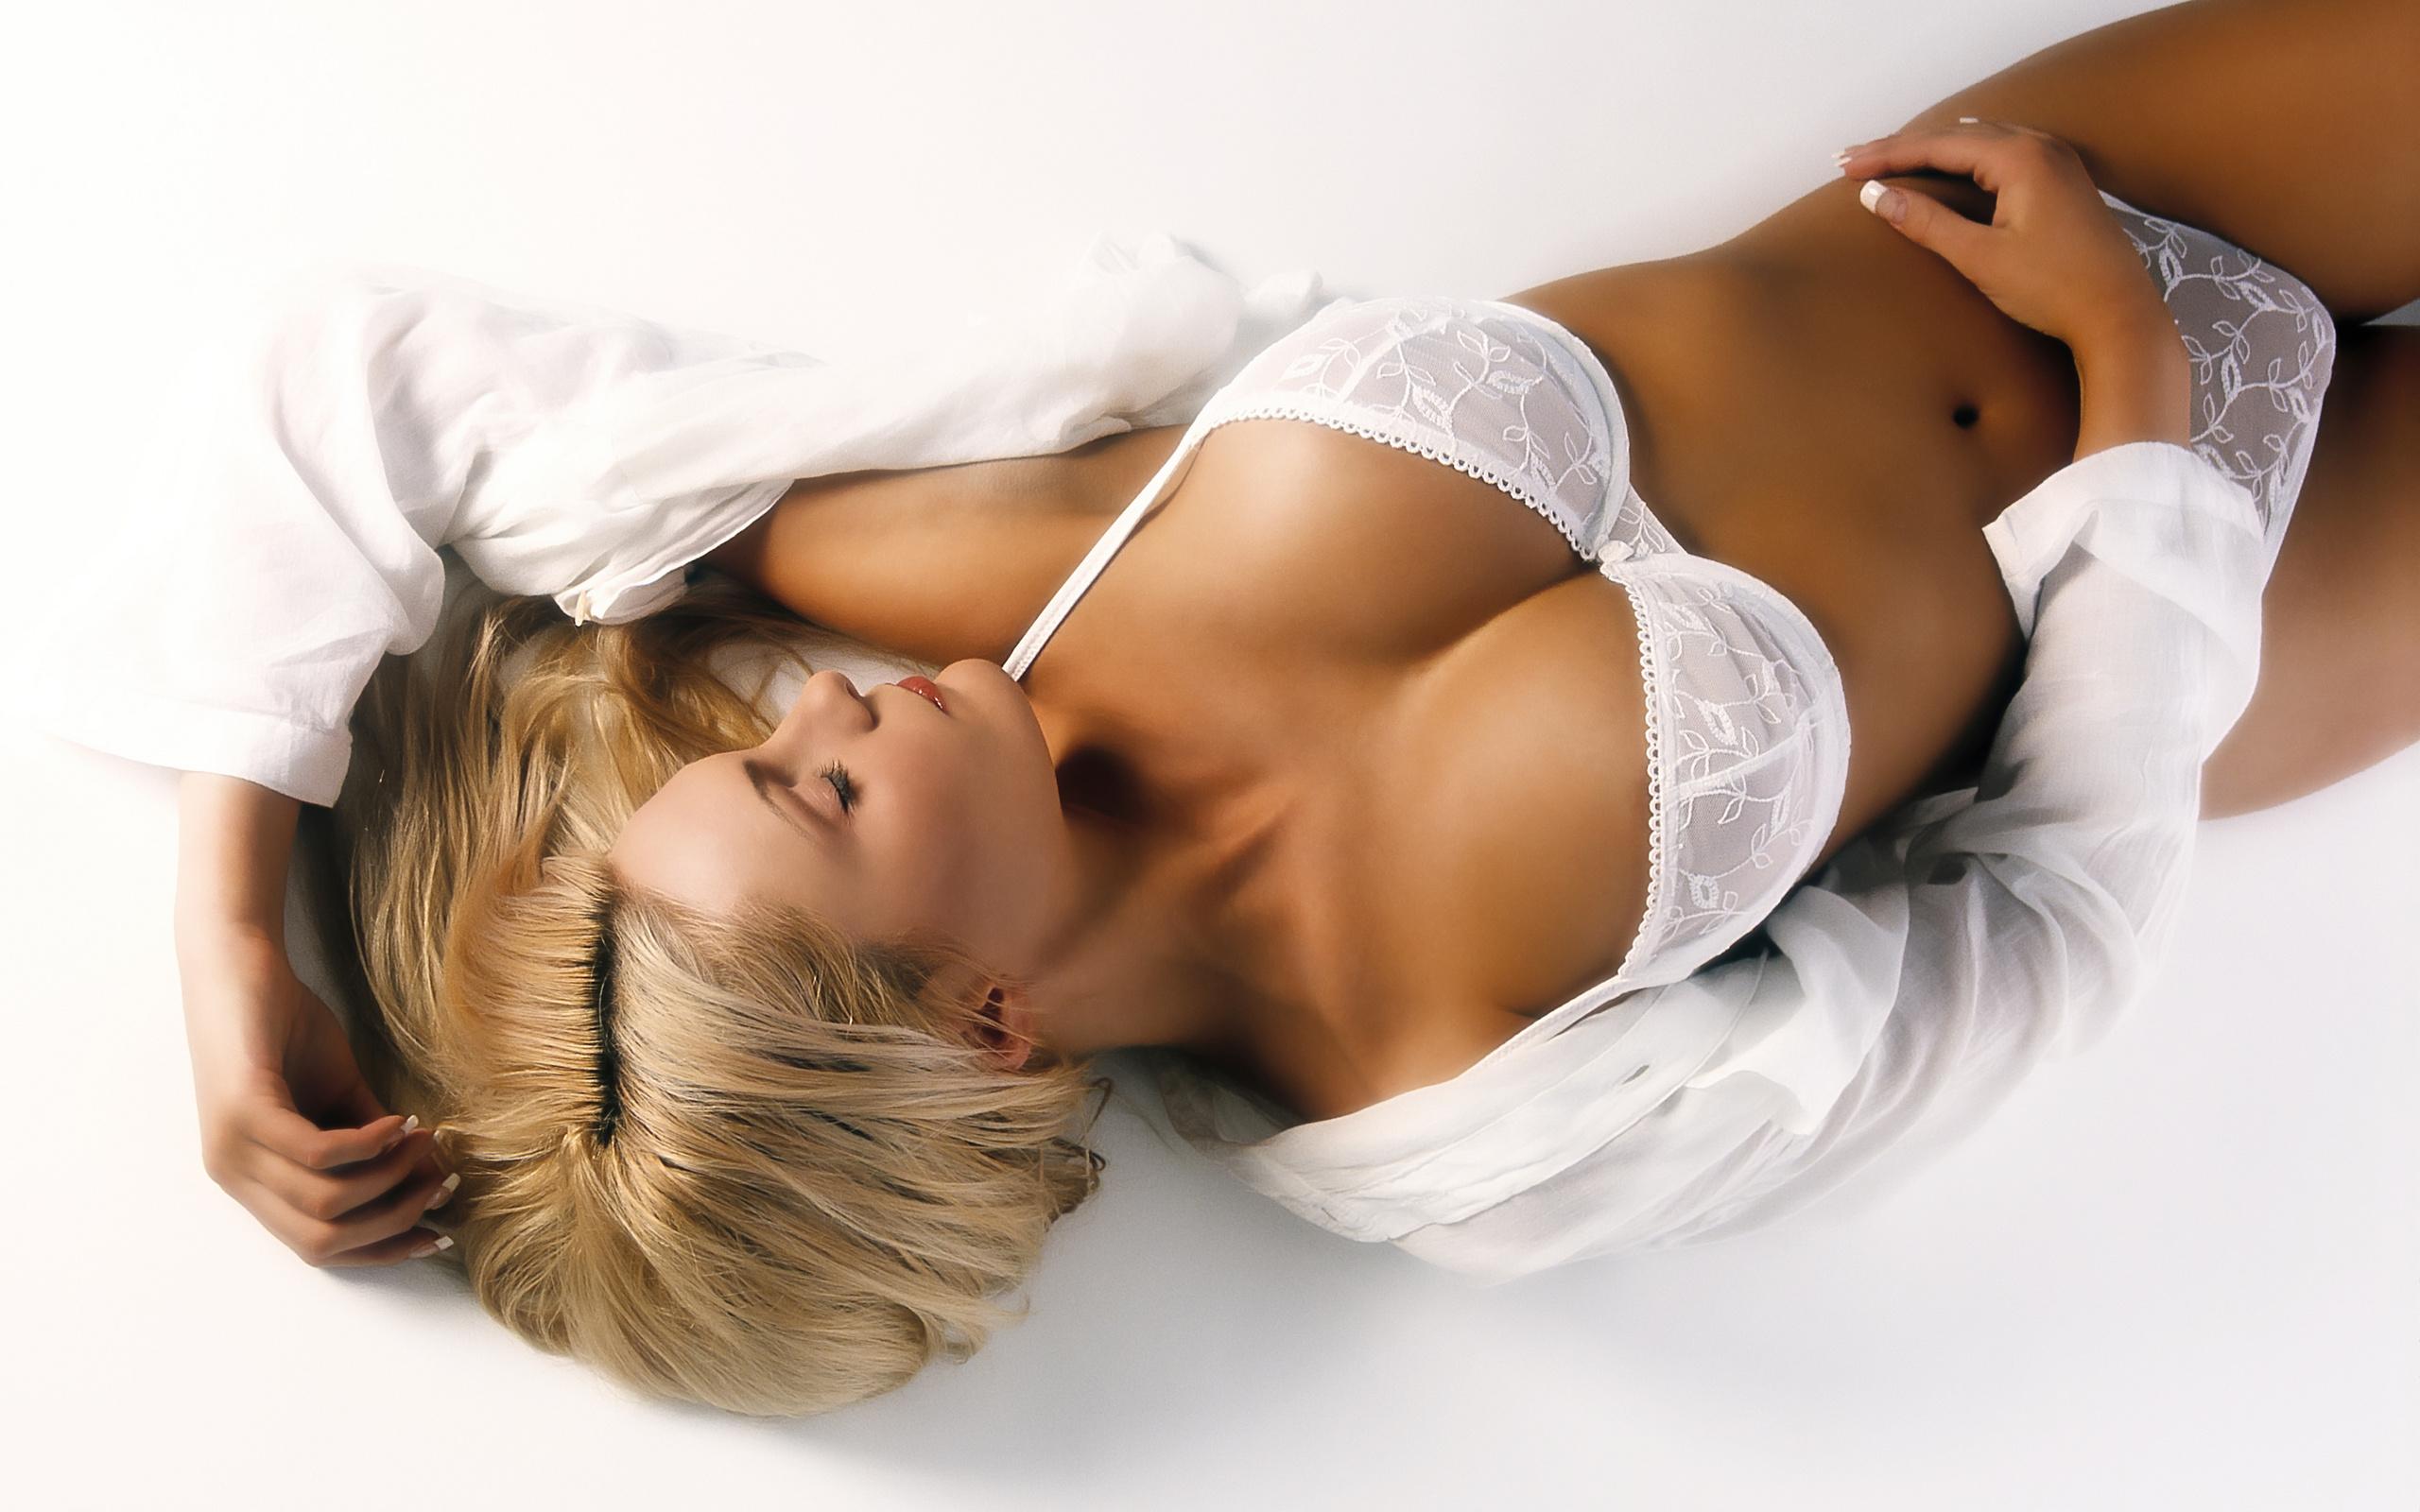 сексуальное интимное фото сайт содержит информацию